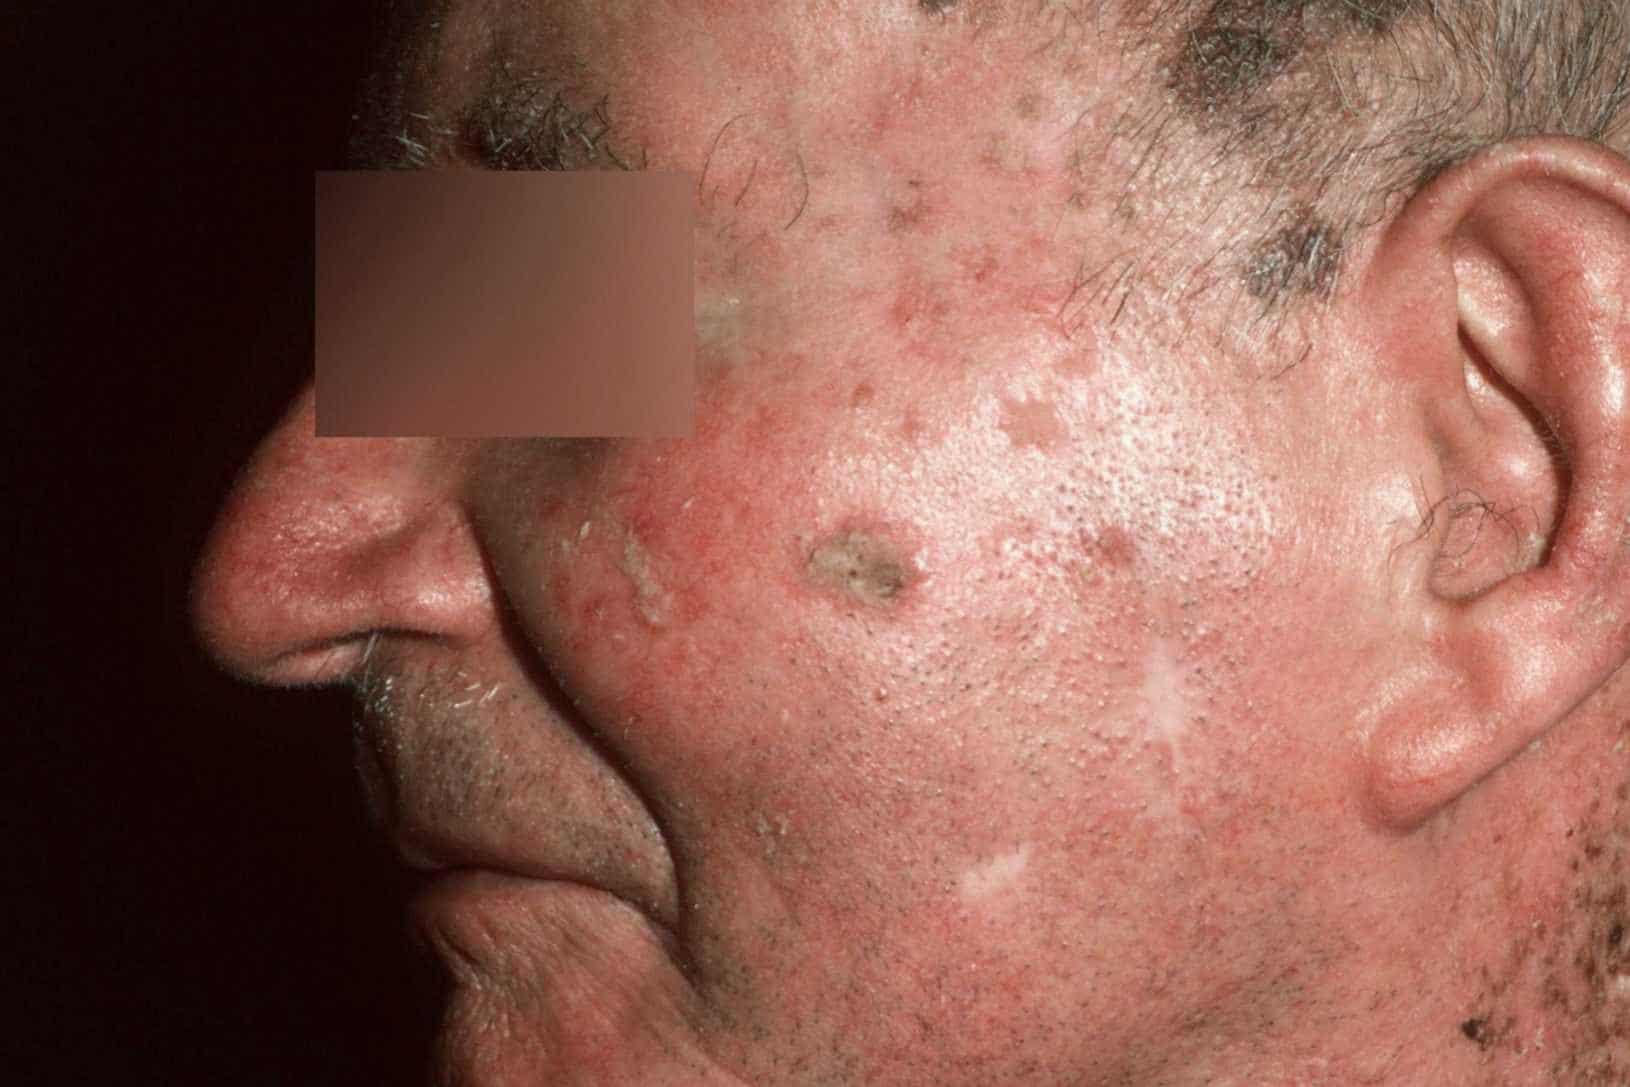 Actinische keratosen op het gezicht